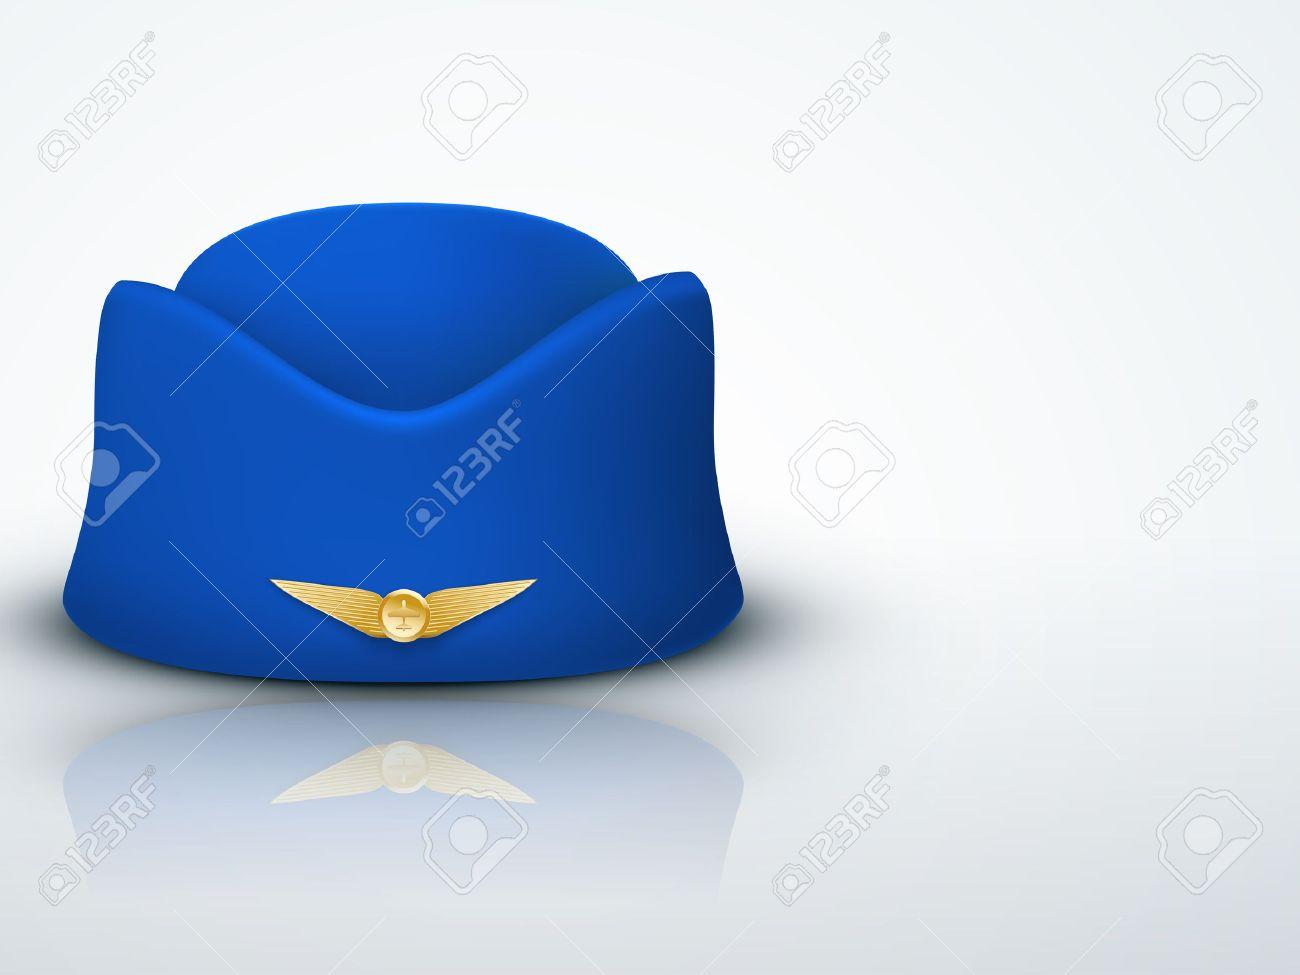 Contexte Hotesse Lumiere Chapeau De L Hotesse De L Air Uniforme